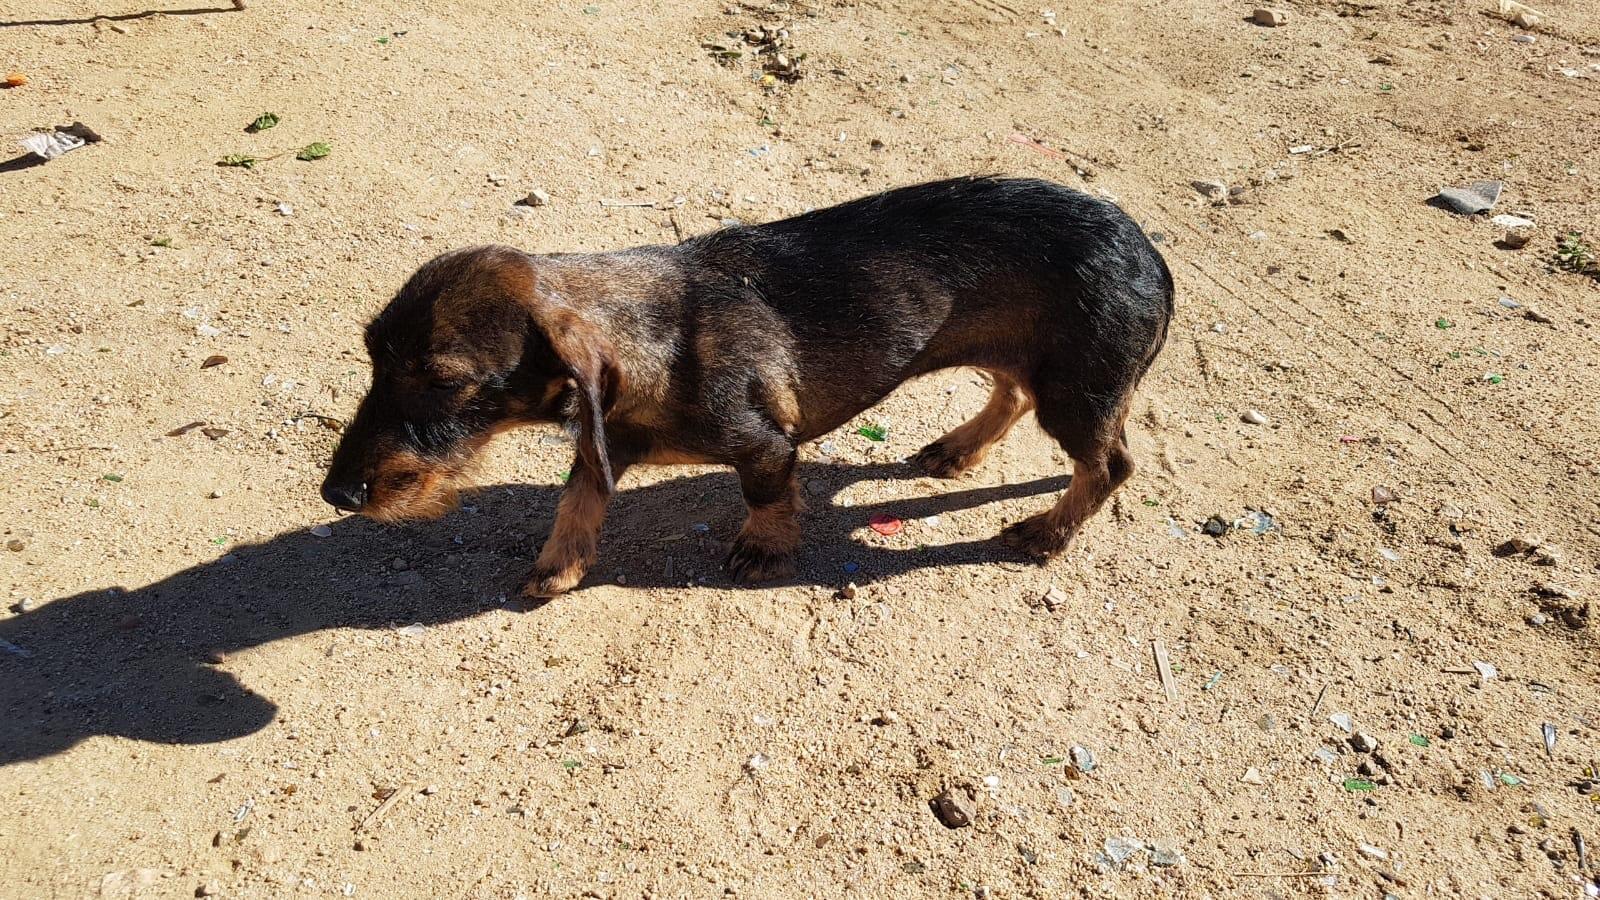 cane smarrito isola del giglio giglionews